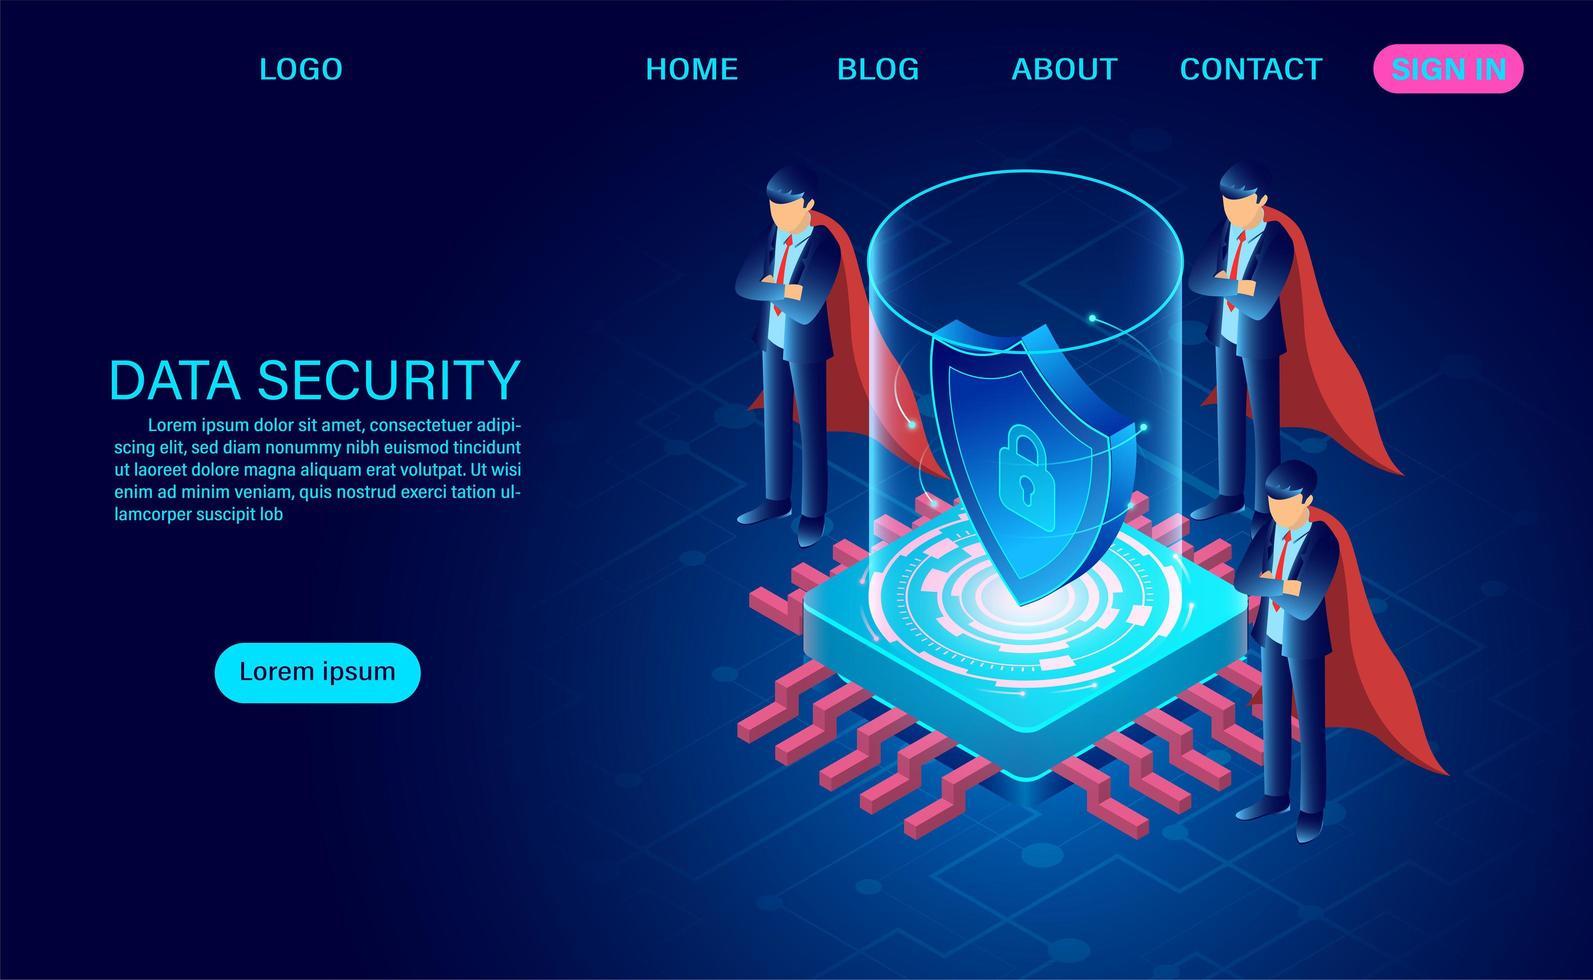 uomini d'affari in mantelle che proteggono i dati dagli attacchi vettore